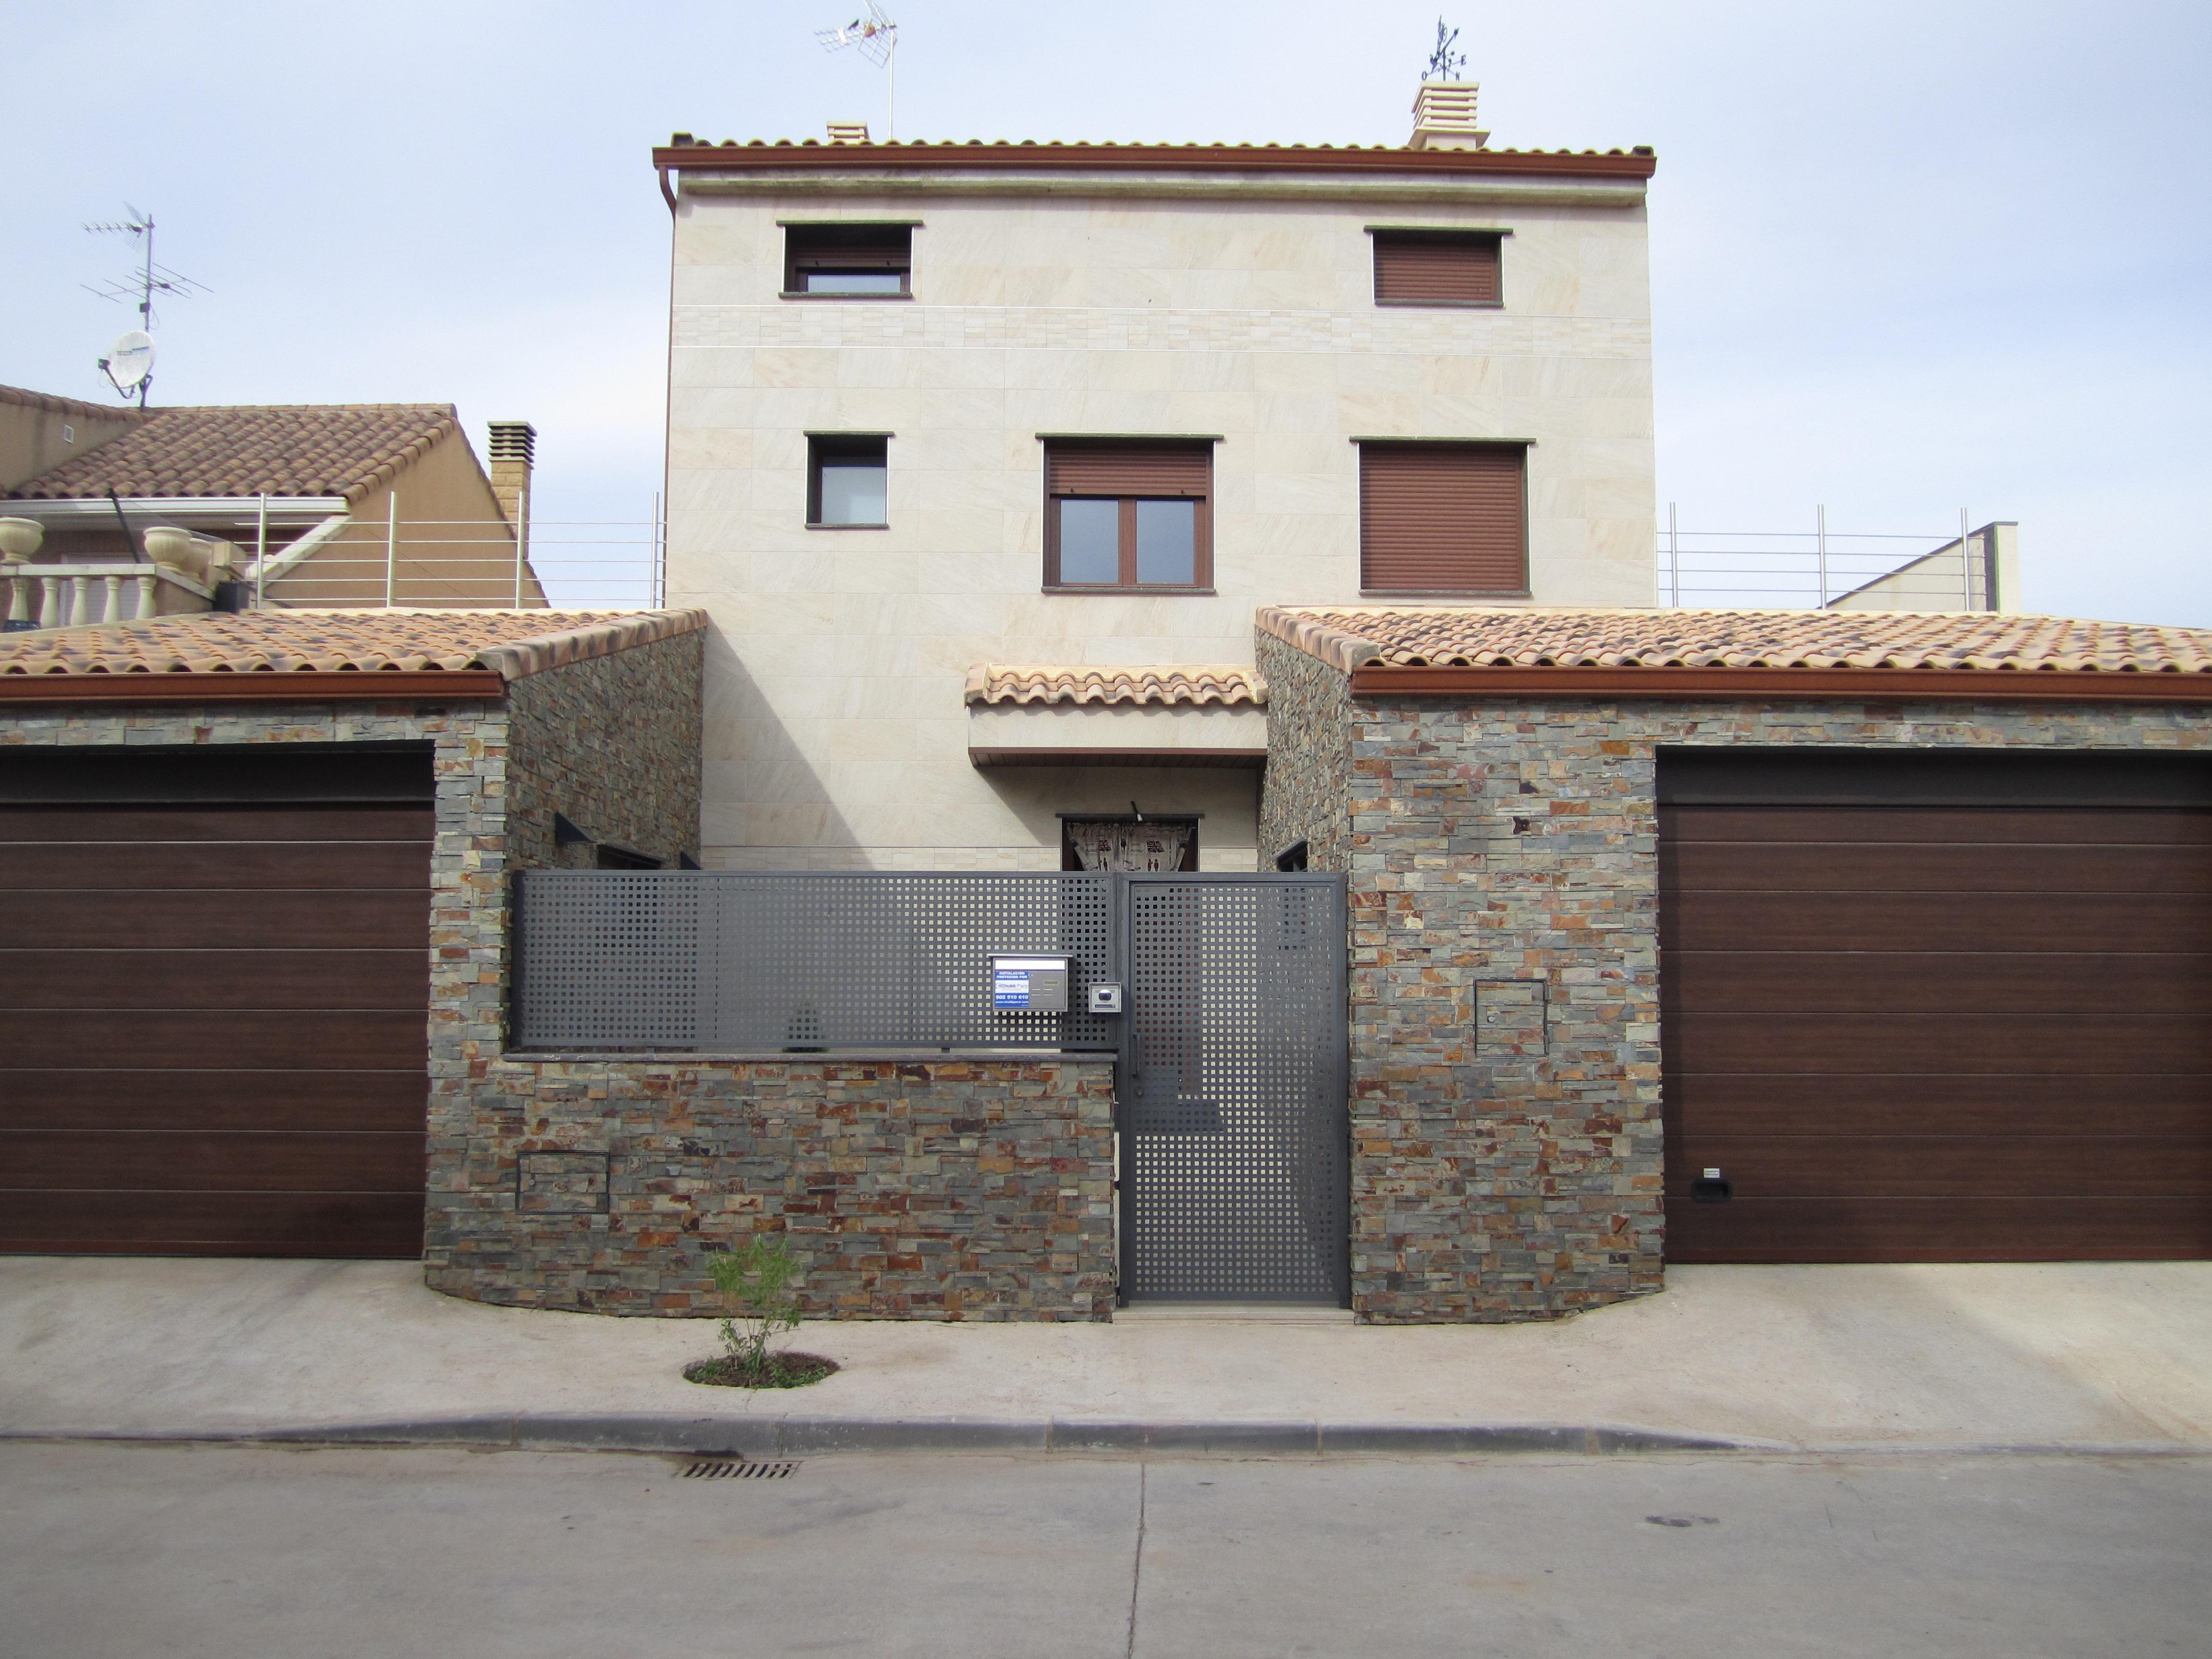 Revestimiento de fachada en cuarcita y mamposteria - Revestimiento fachadas piedra ...